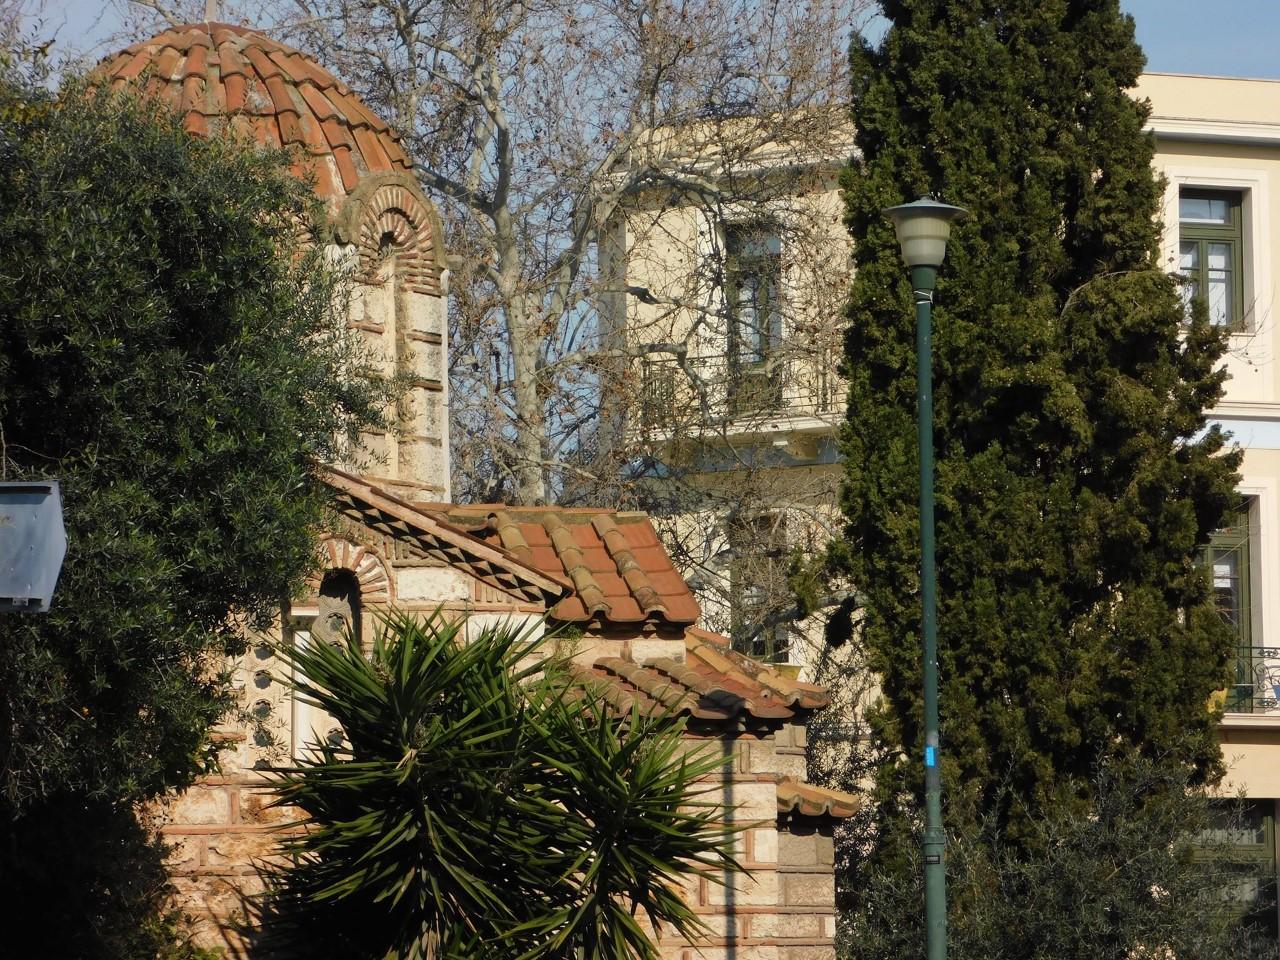 Εκκλησία και ένα κυπαρίσσι